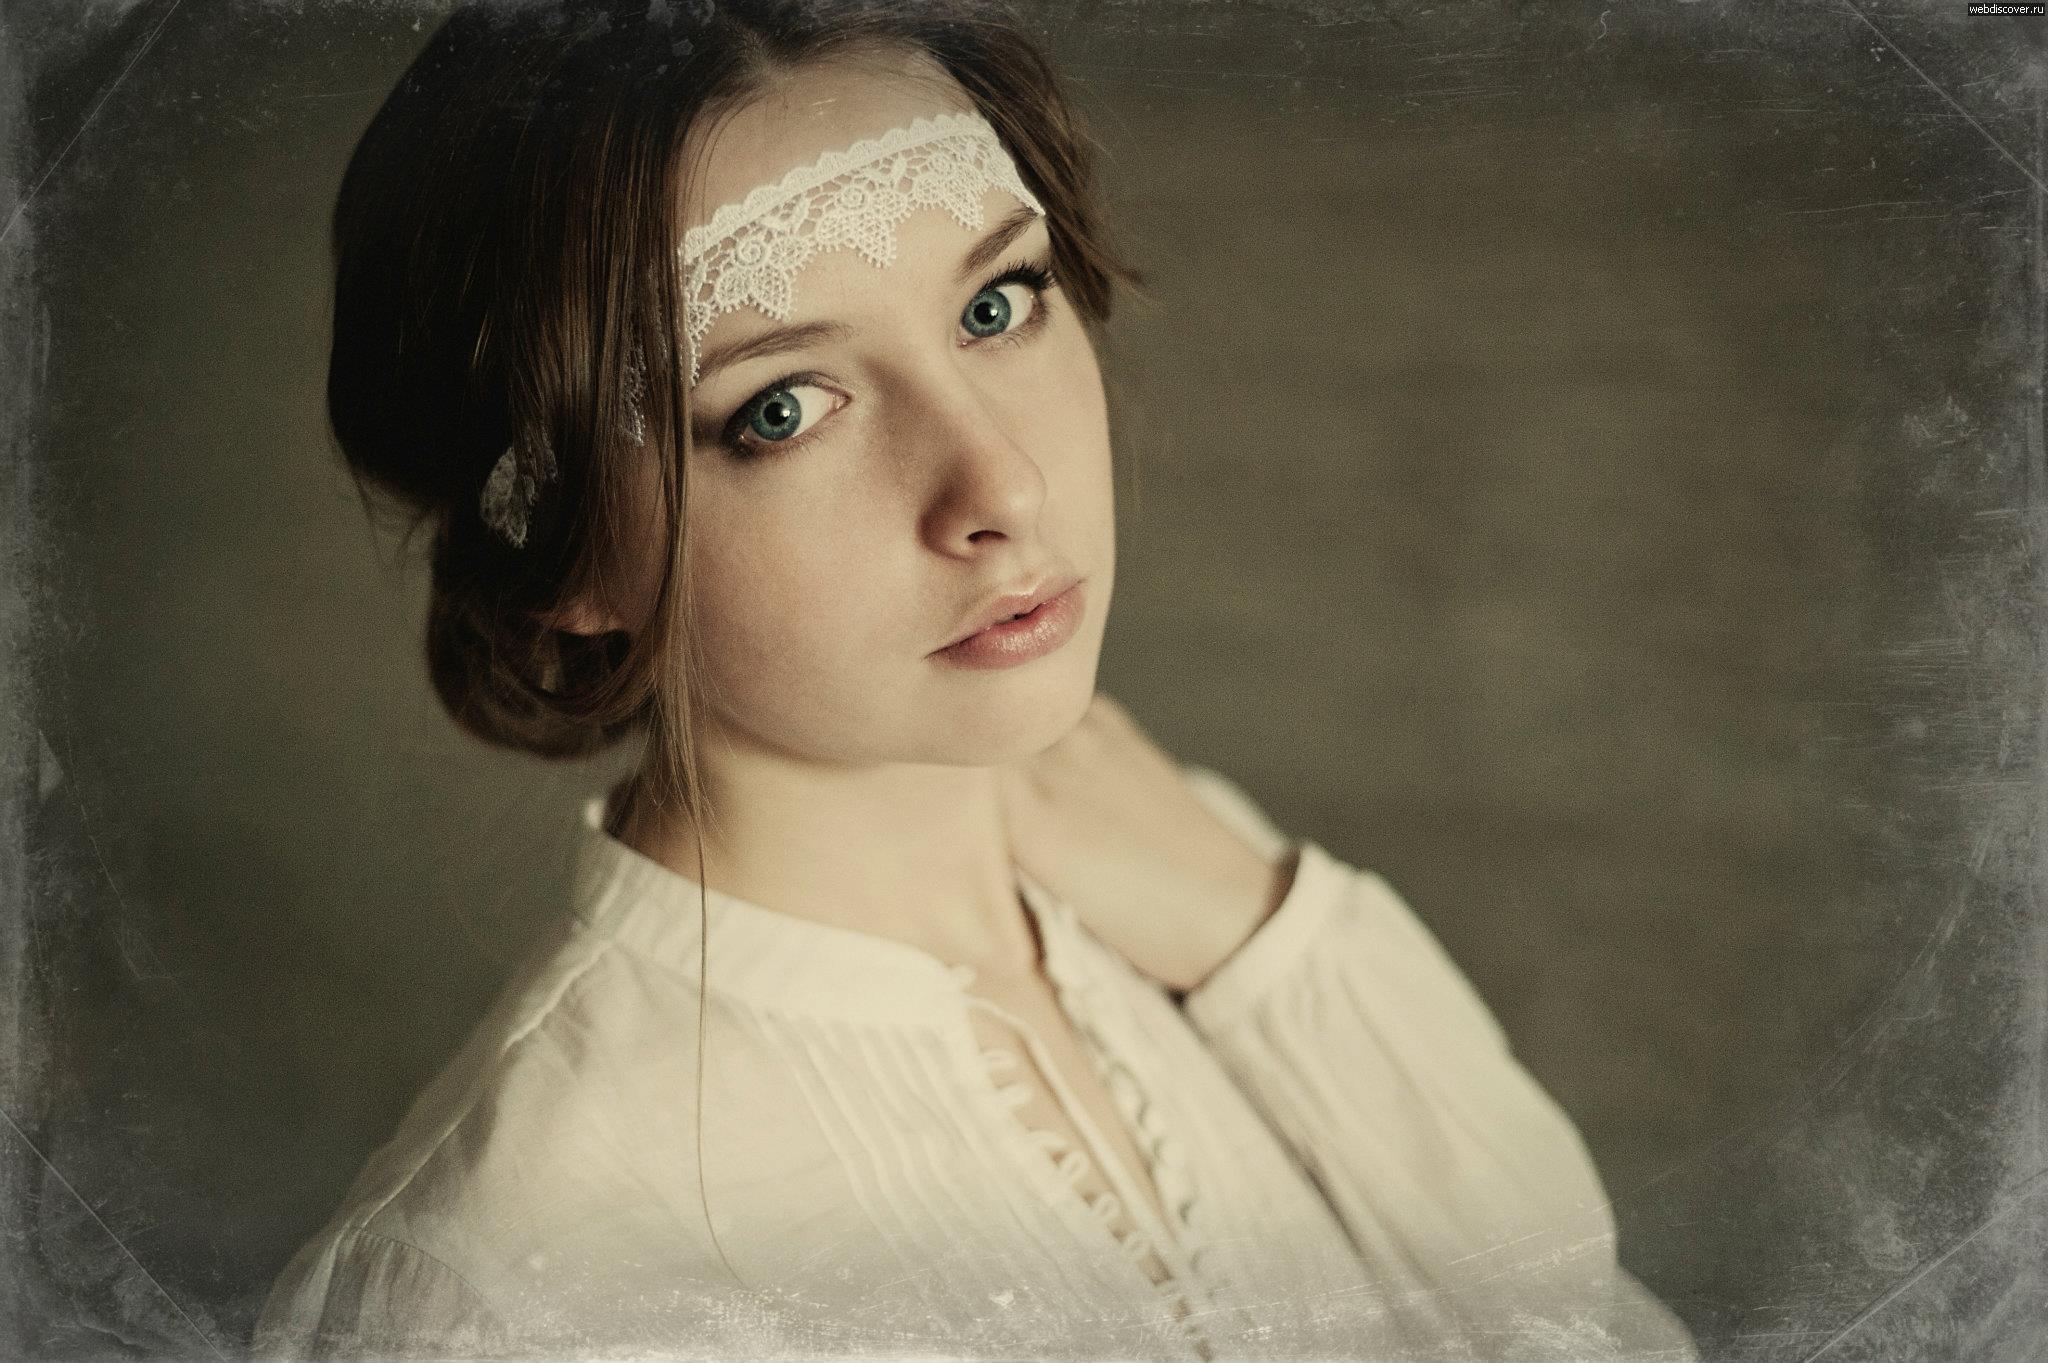 В Российской Федерации 0,75 женщин считают себя красивыми